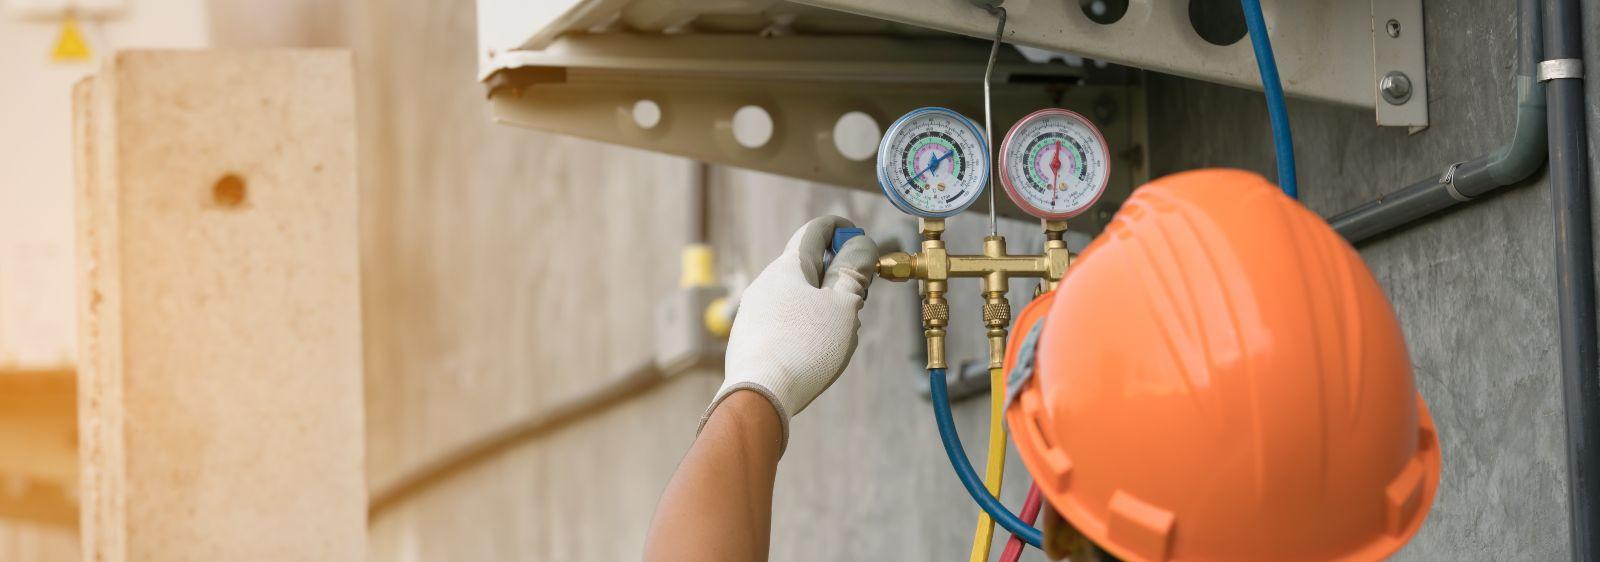 Prüfverfahren energetischer Systemkennzahlen